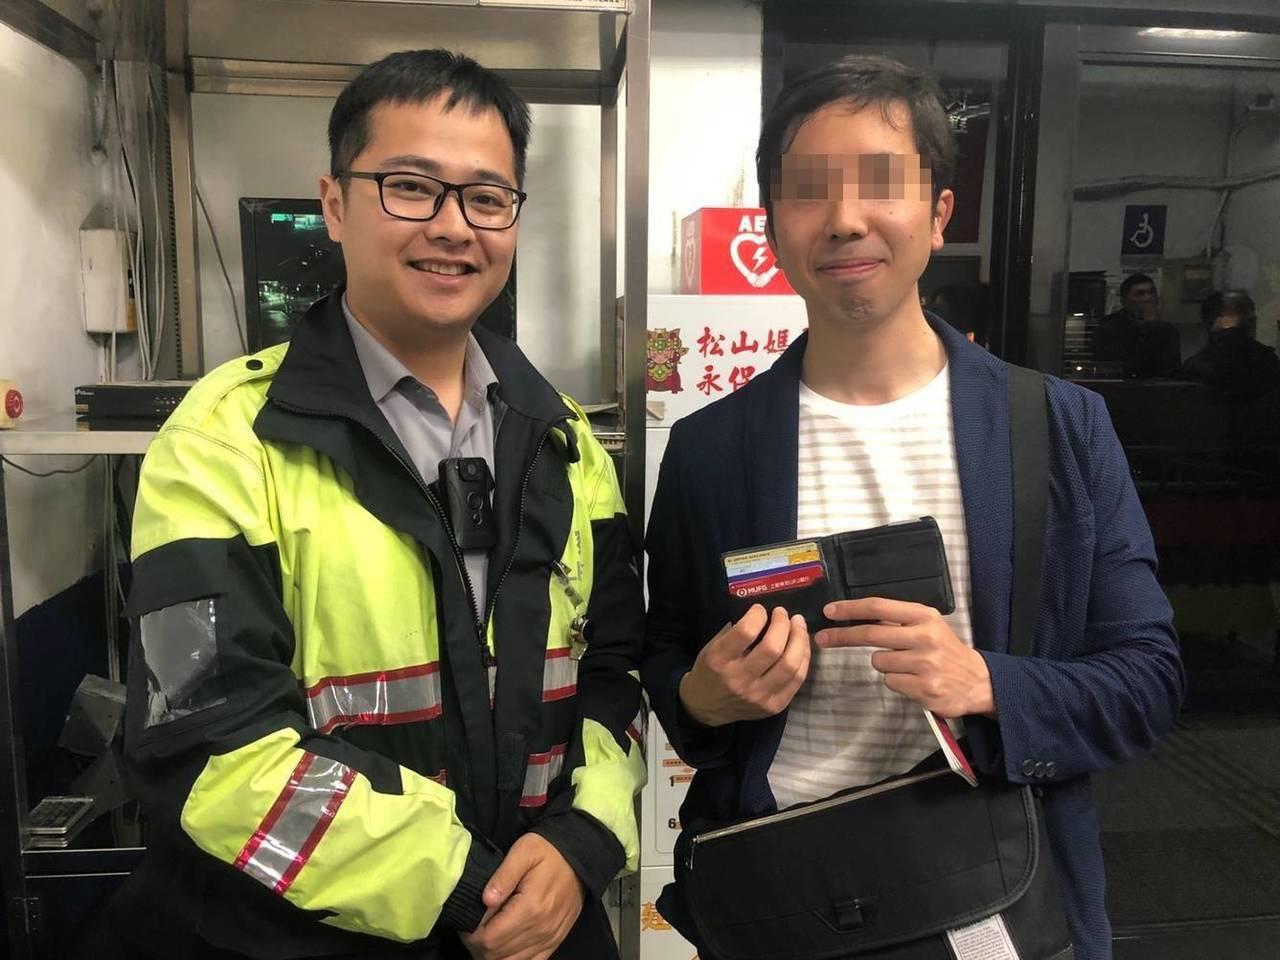 日籍旅客落合說,早就聽說台灣處處充滿人情味,這次遺失皮夾更讓他感受到台灣人民的善...